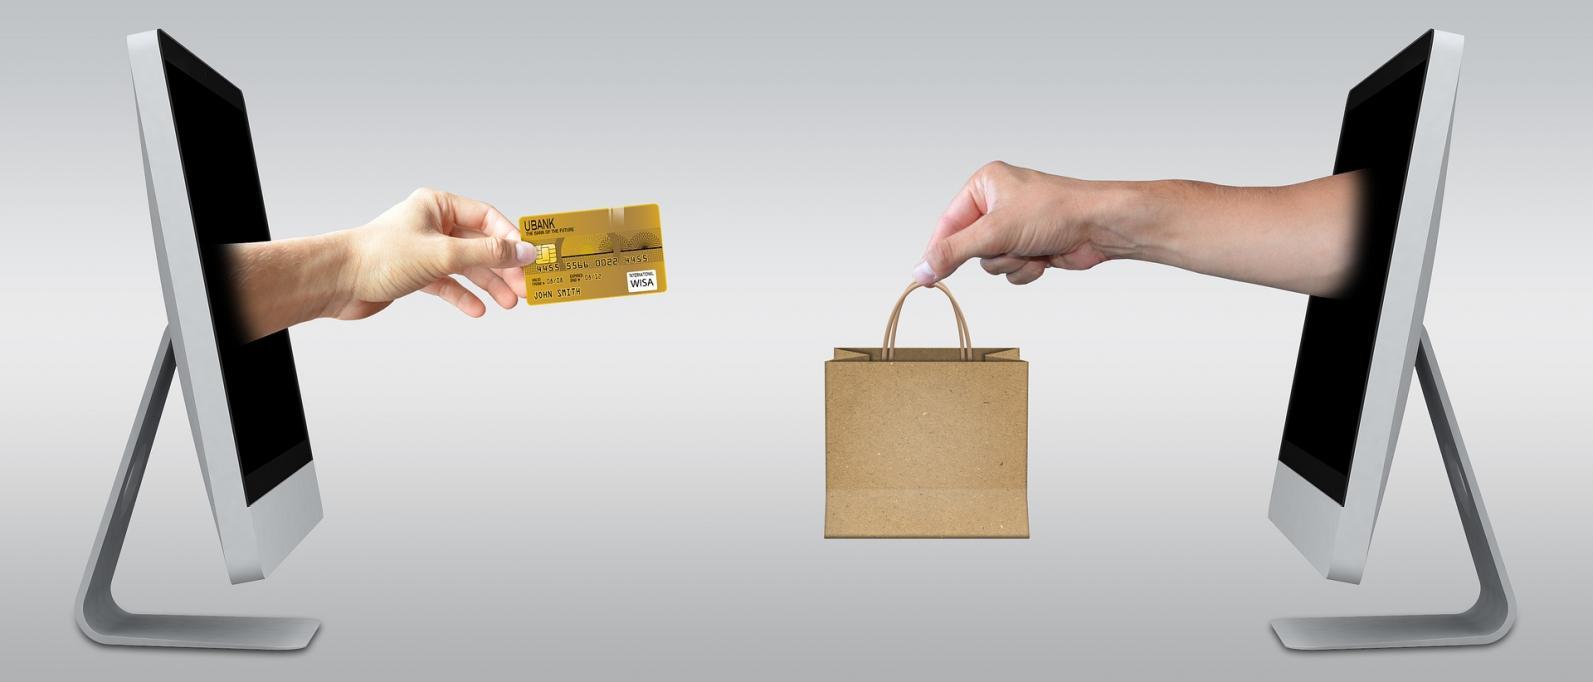 Dia das mães deve gerar aumento de 14,5% no volume de compras online este ano, afirma Compre&Confie